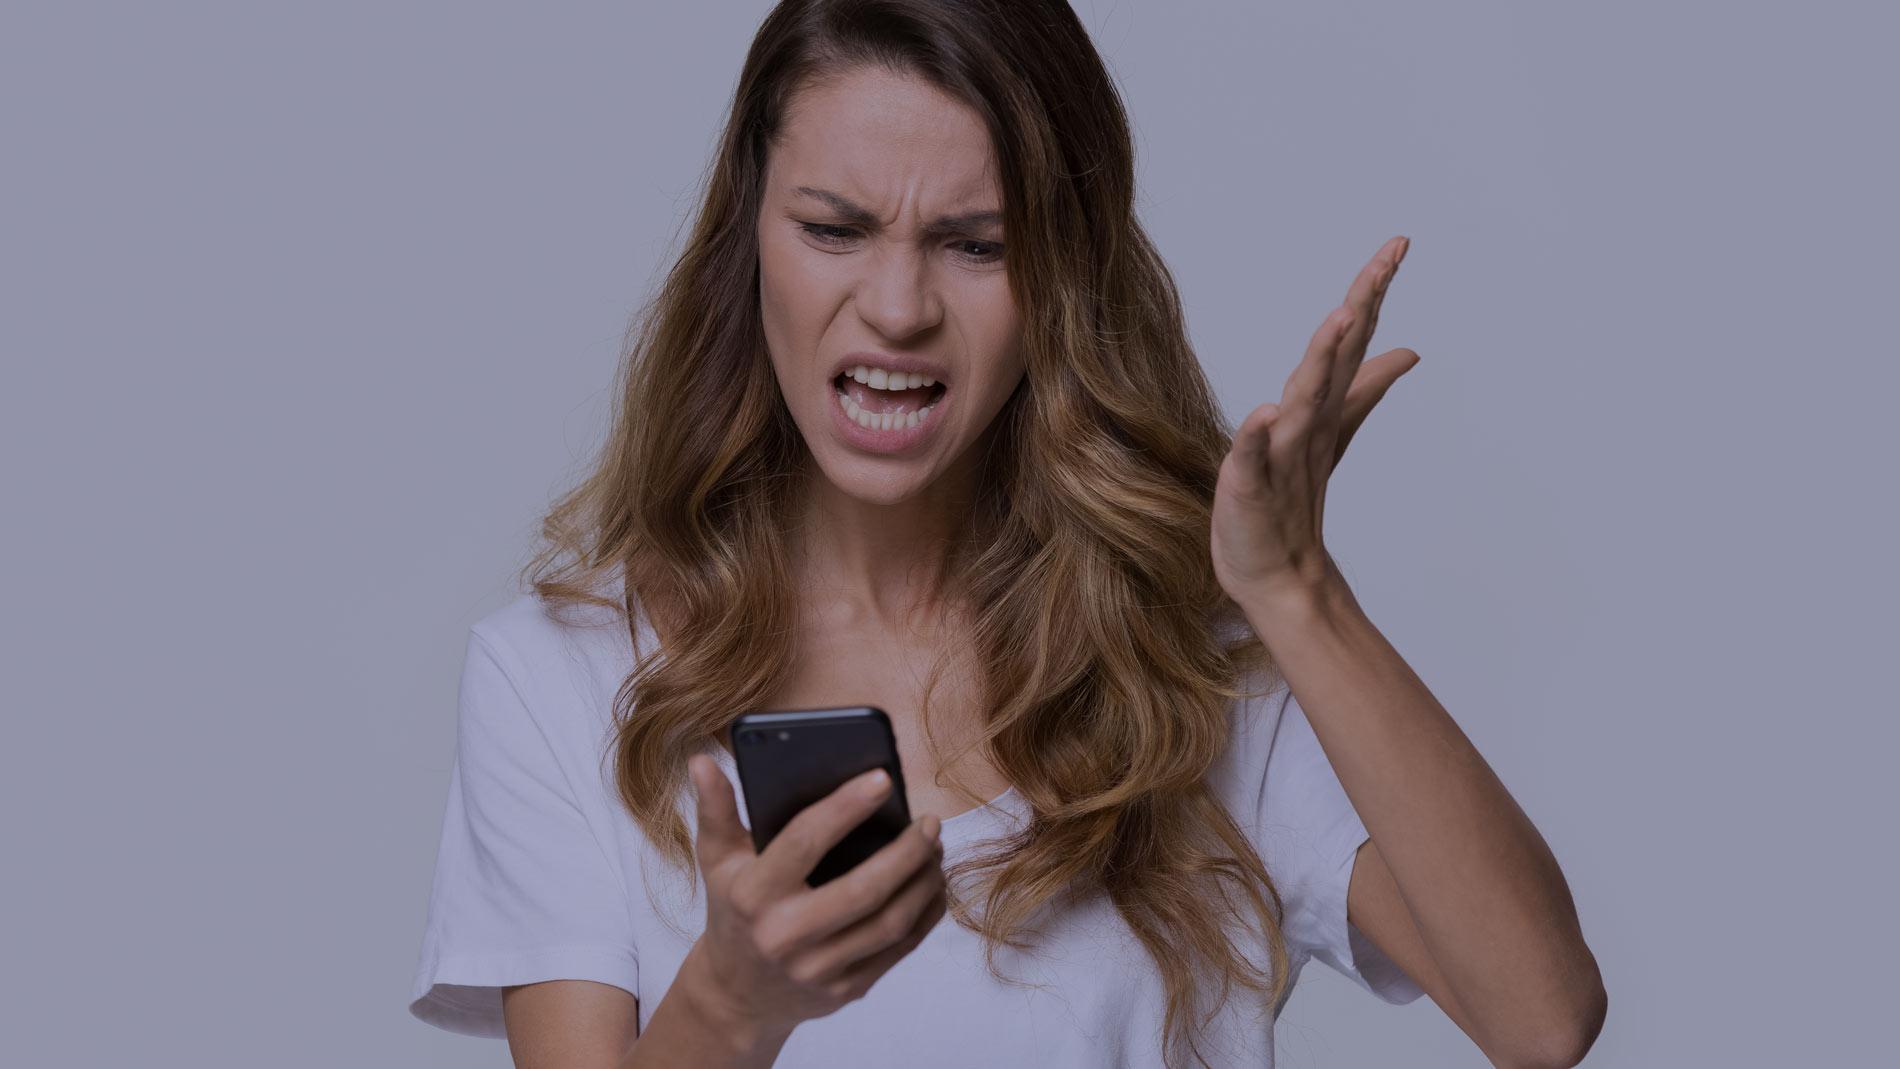 5 самых частых поломок смартфона. Когда дождаться обновления, а когда нести в ремонт?